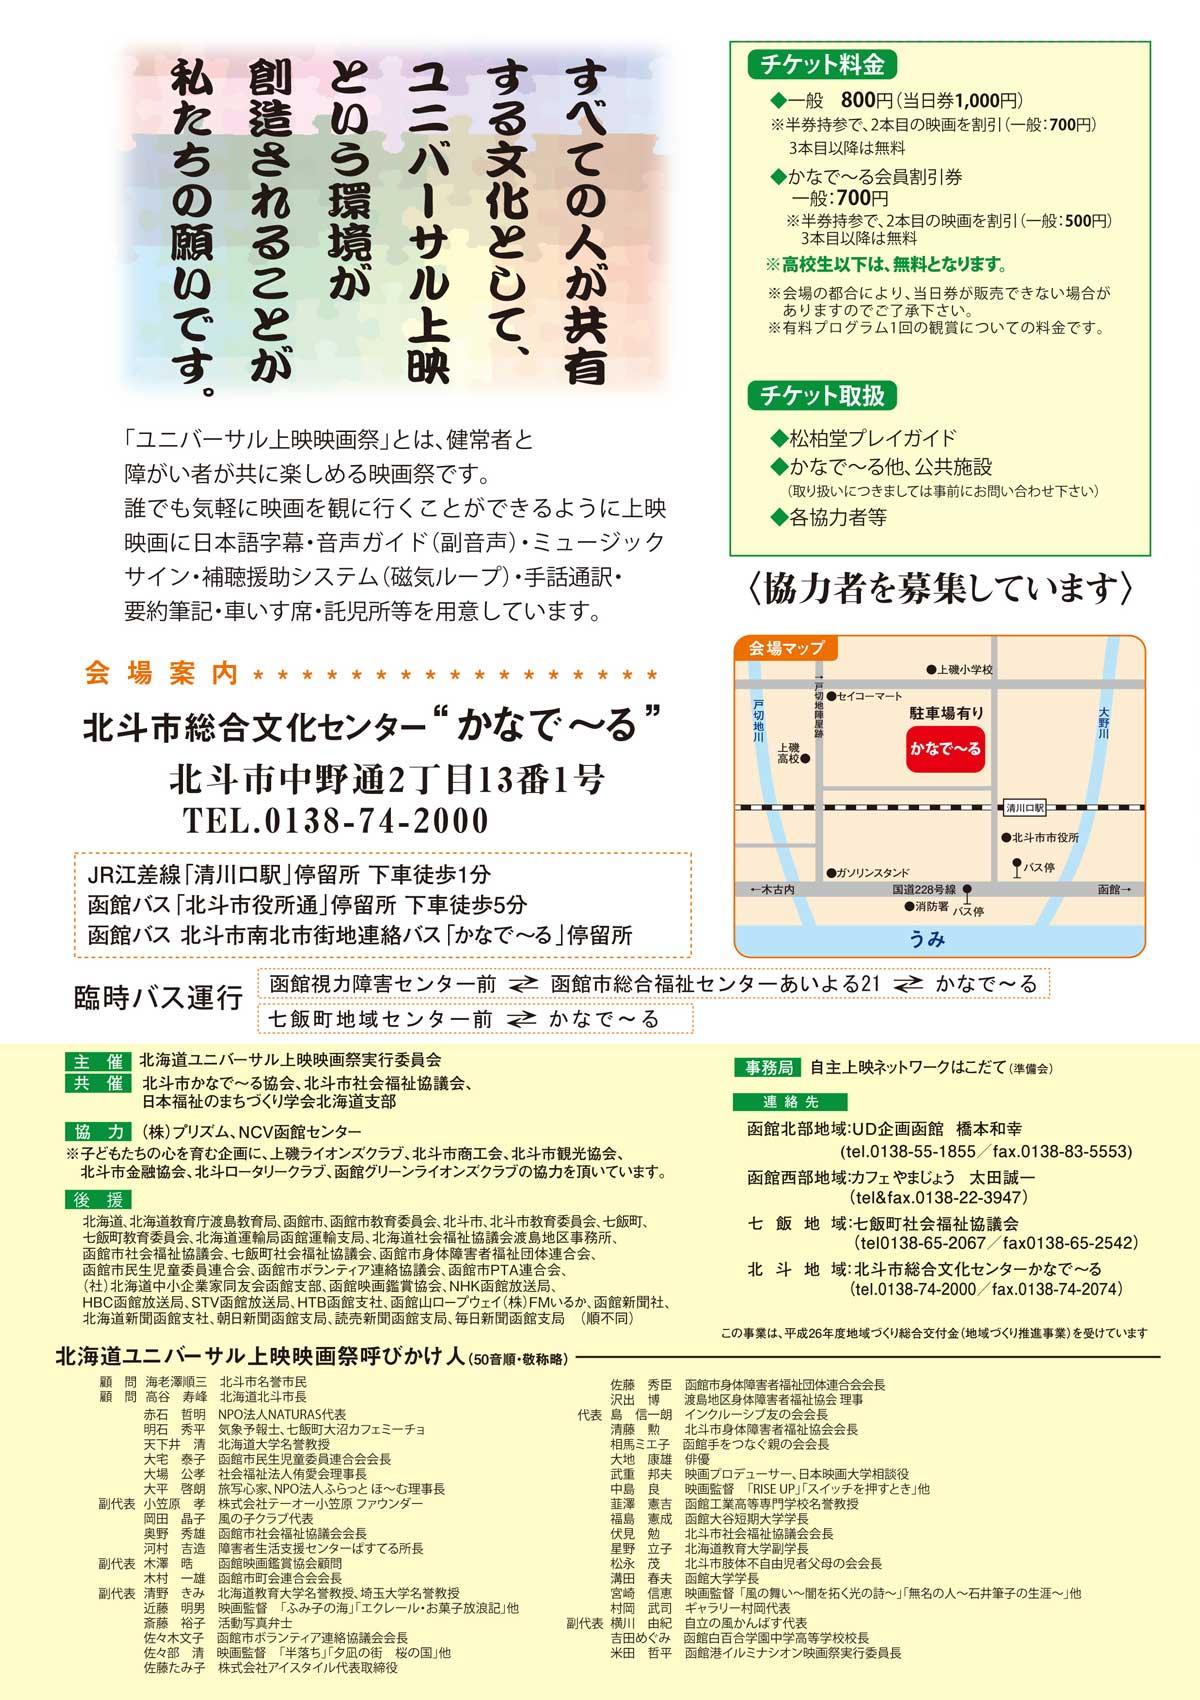 第9回 北海道ユニバーサル上映映画祭 リーフレット 裏表紙